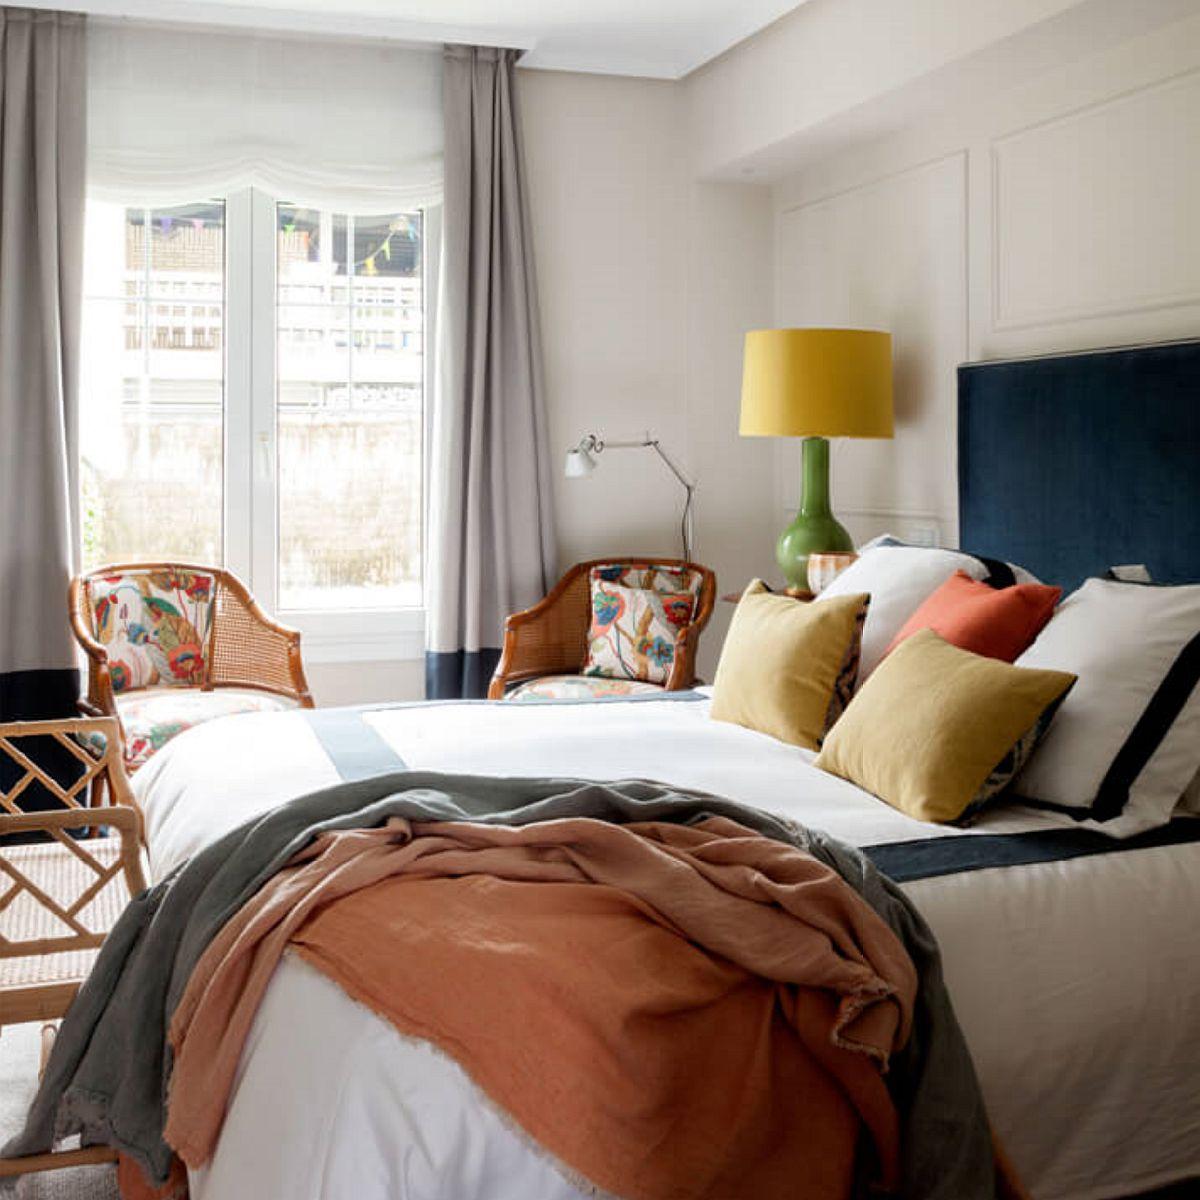 La etaj sunt dormitoarele, unde atmosfera este conferită de țesături, de la cele care îmbracă paturile la cele pentru ferestre.